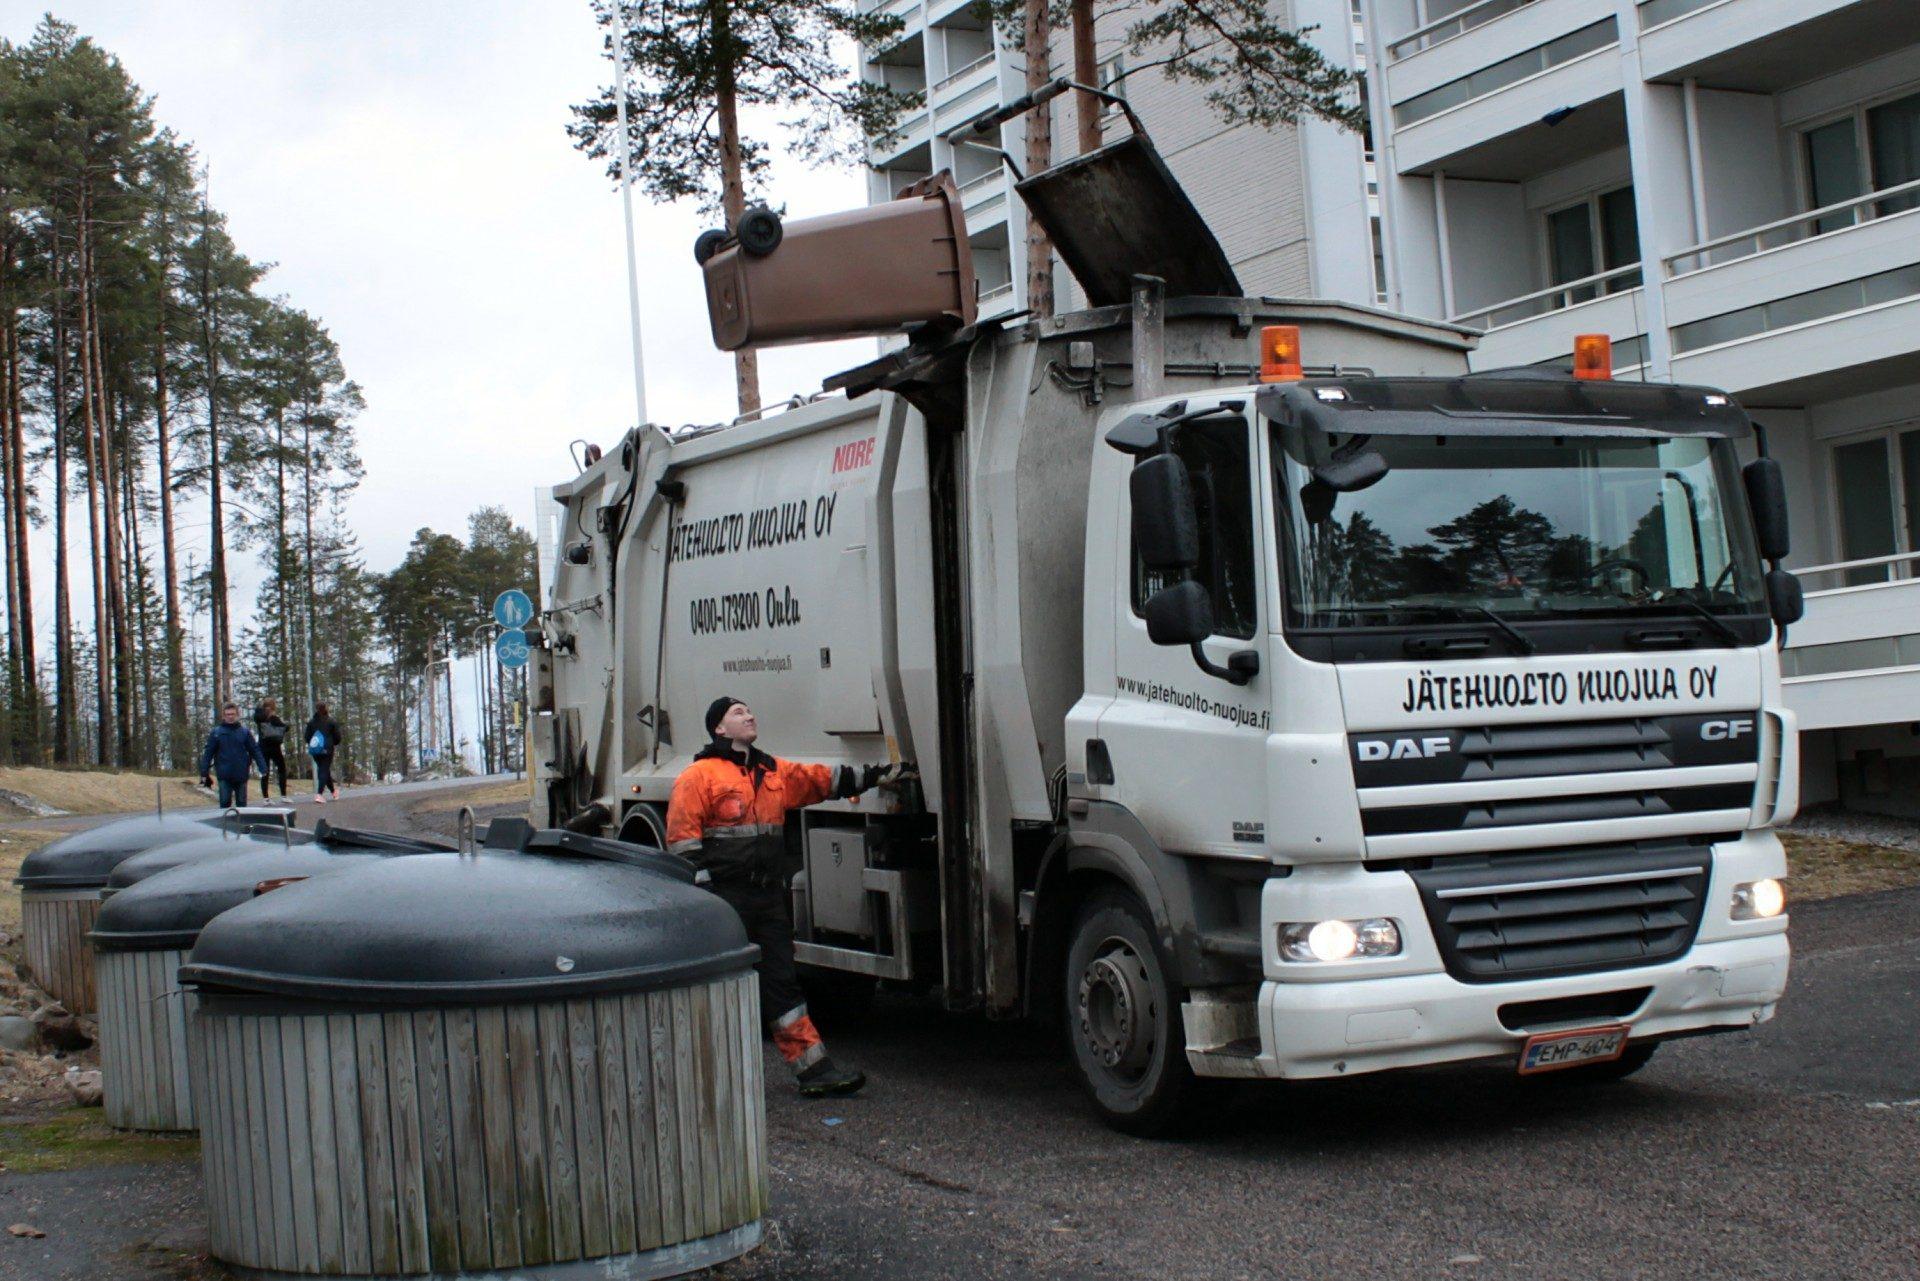 Jätehuoltopalvelut